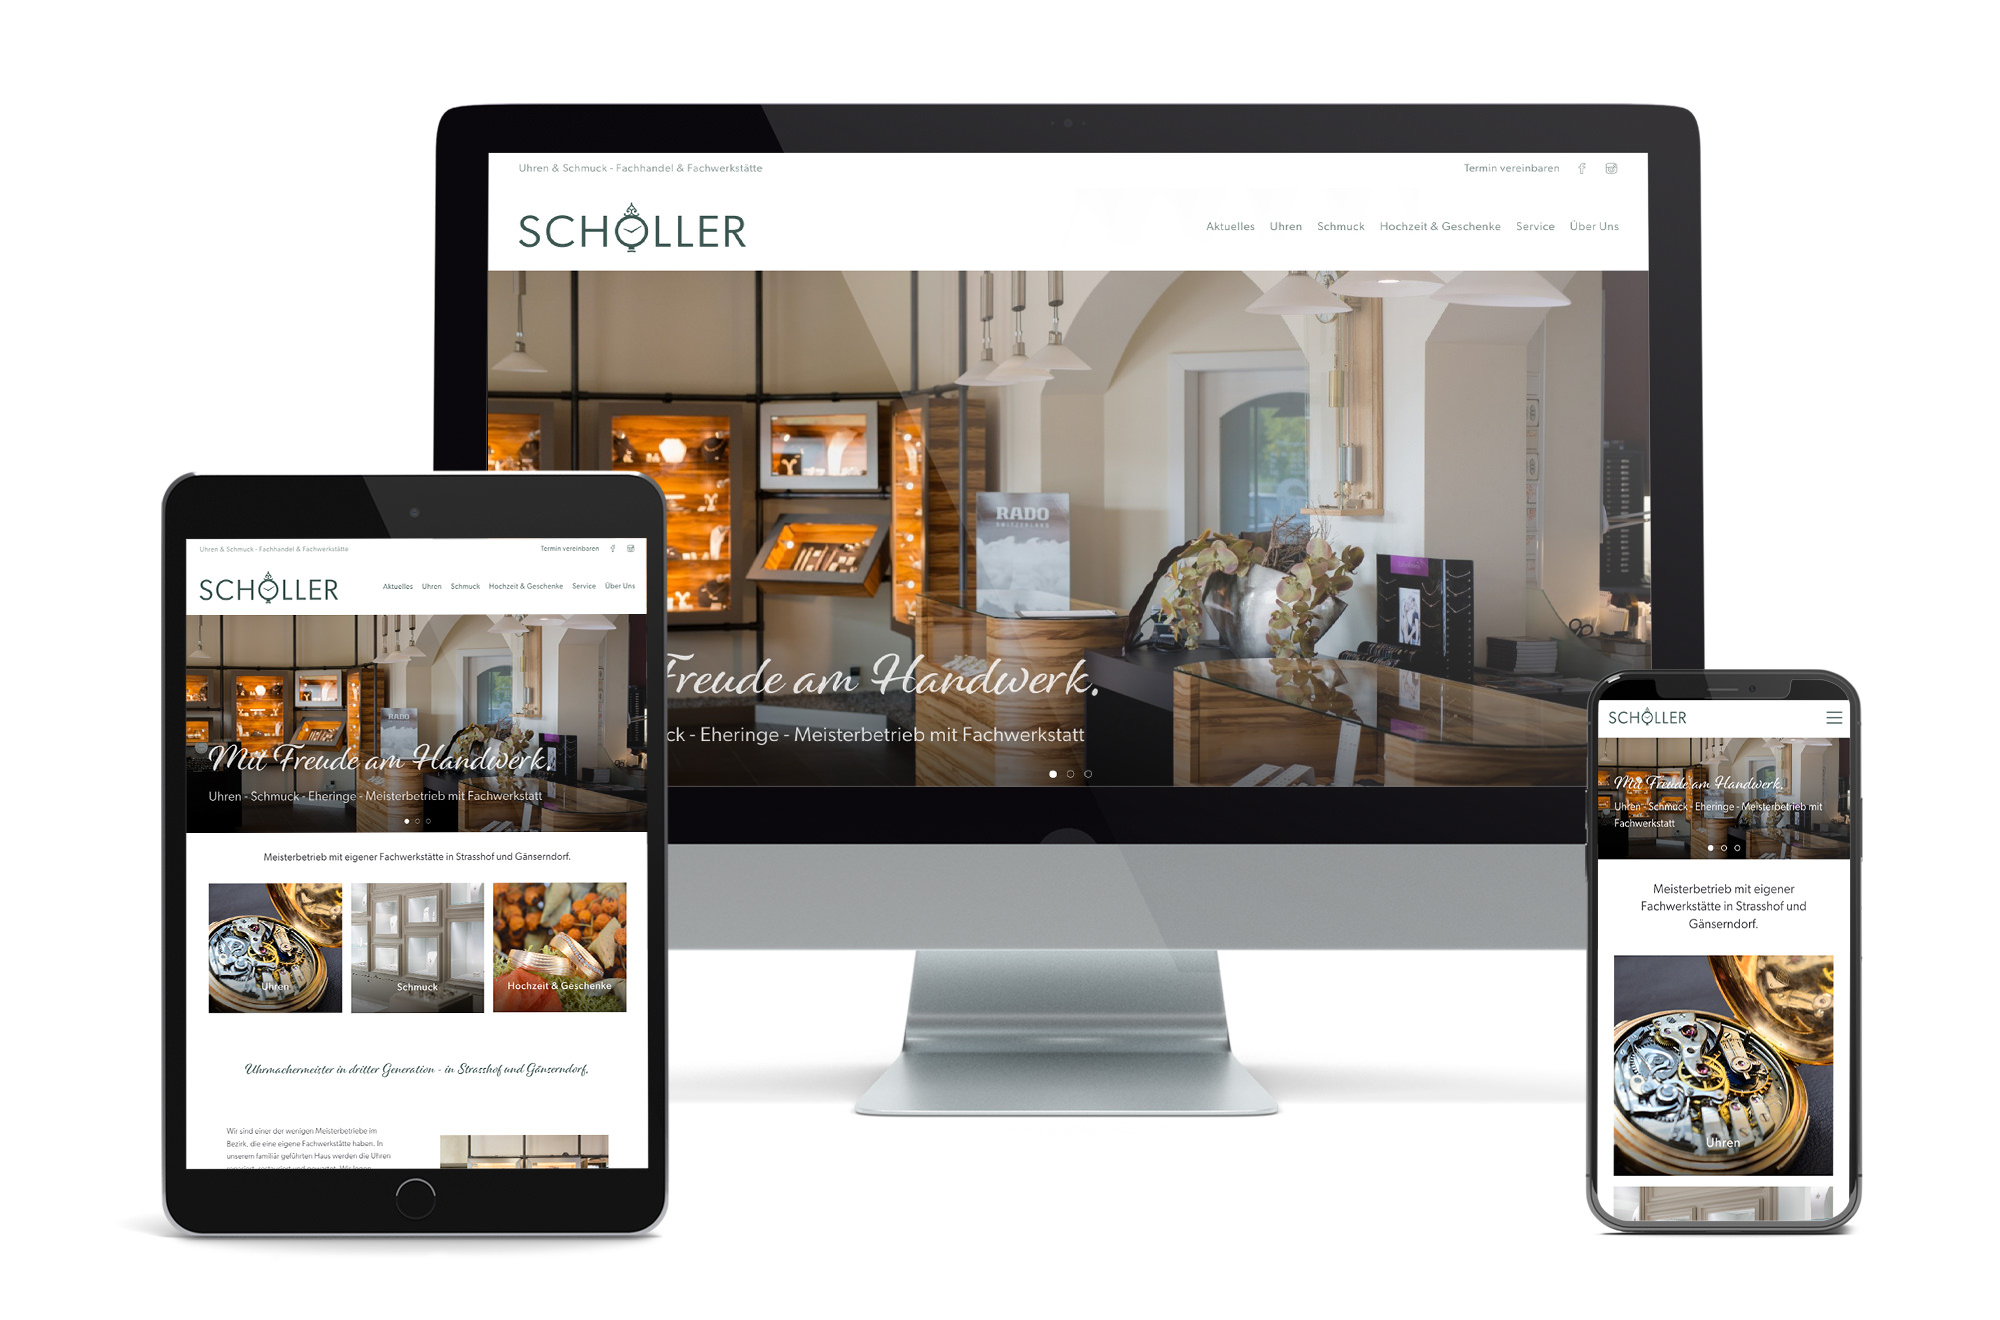 Webdesign Beispiel: Neue Website für Juwelier - Uhren & Schmuck